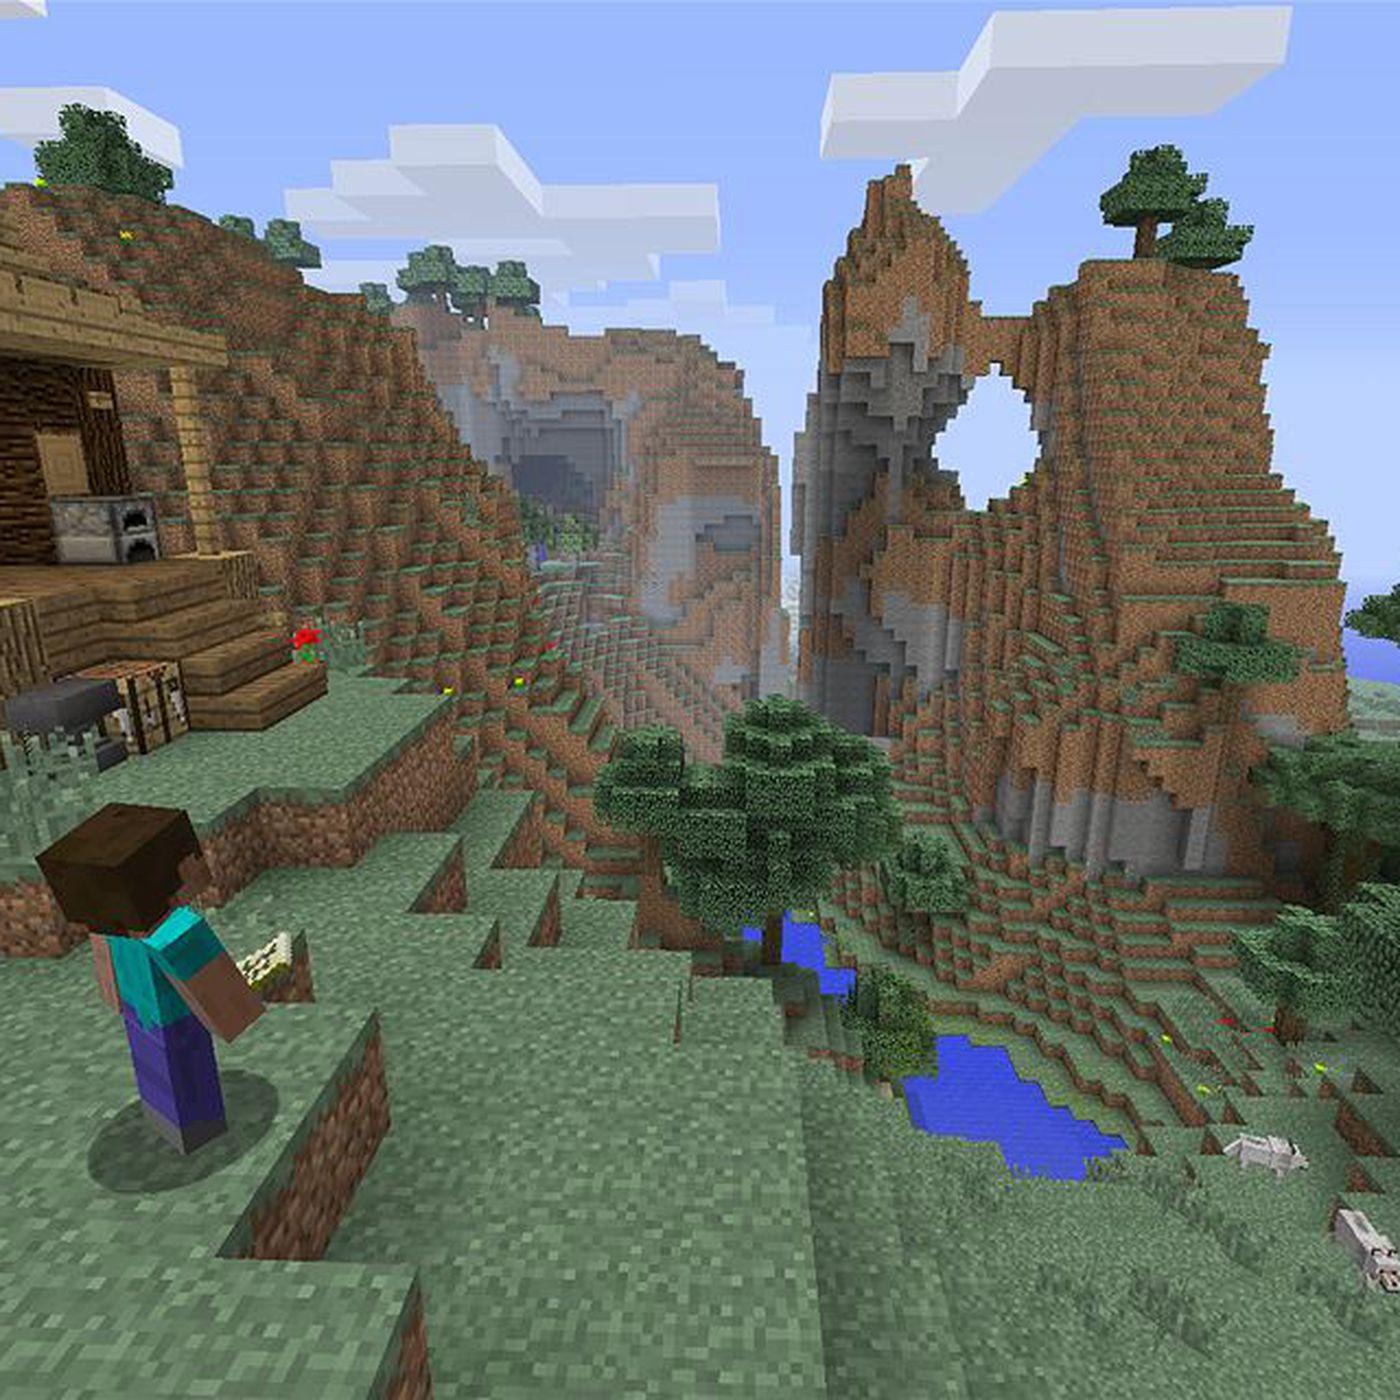 Minecraft Billionaire Markus Persson Hates Being A Billionaire Vox